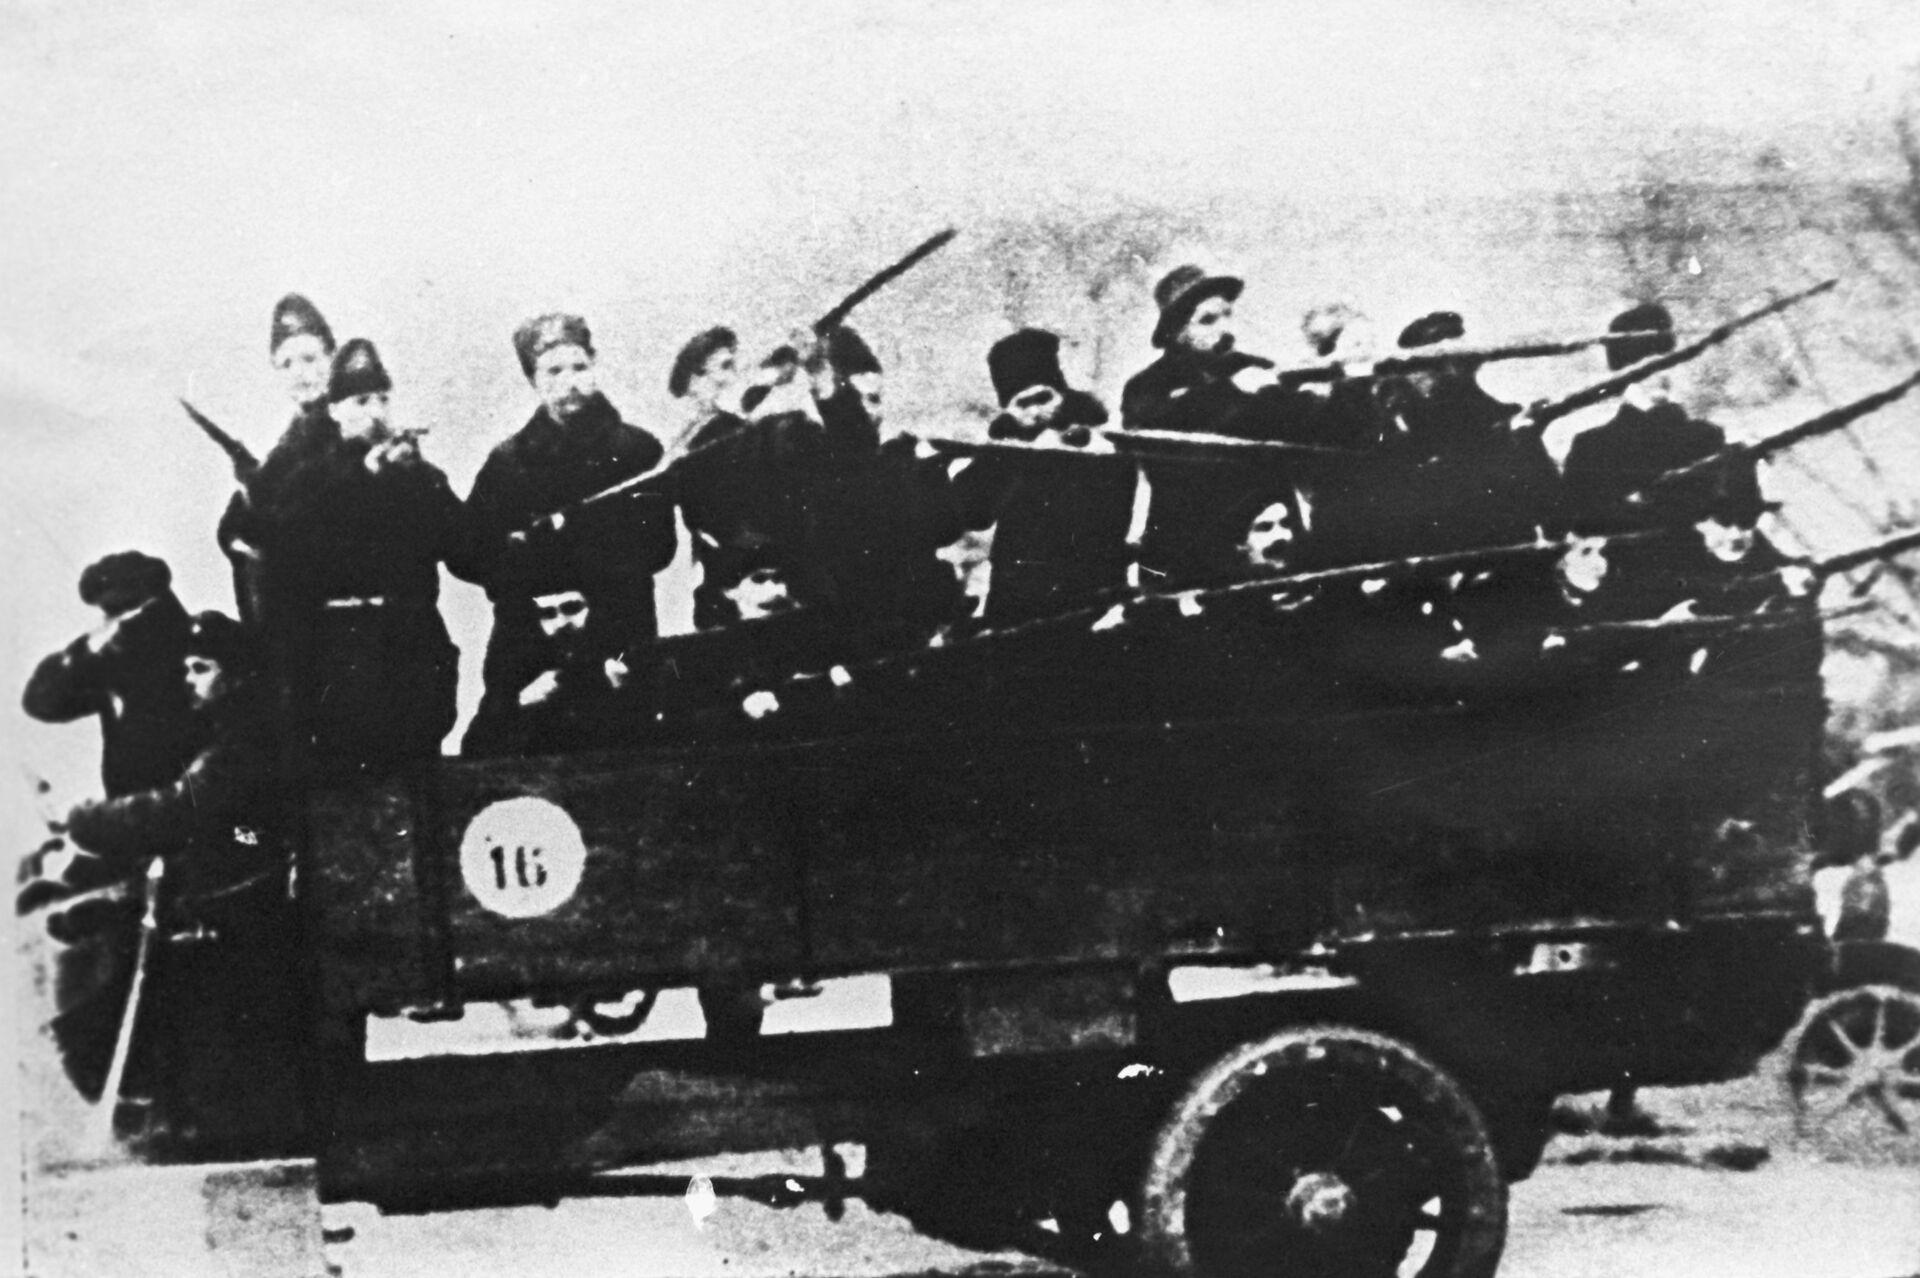 Один из отрядов красногвардейцев, участников штурма Зимнего дворца. Петроград, 1917 год - РИА Новости, 1920, 05.09.2021